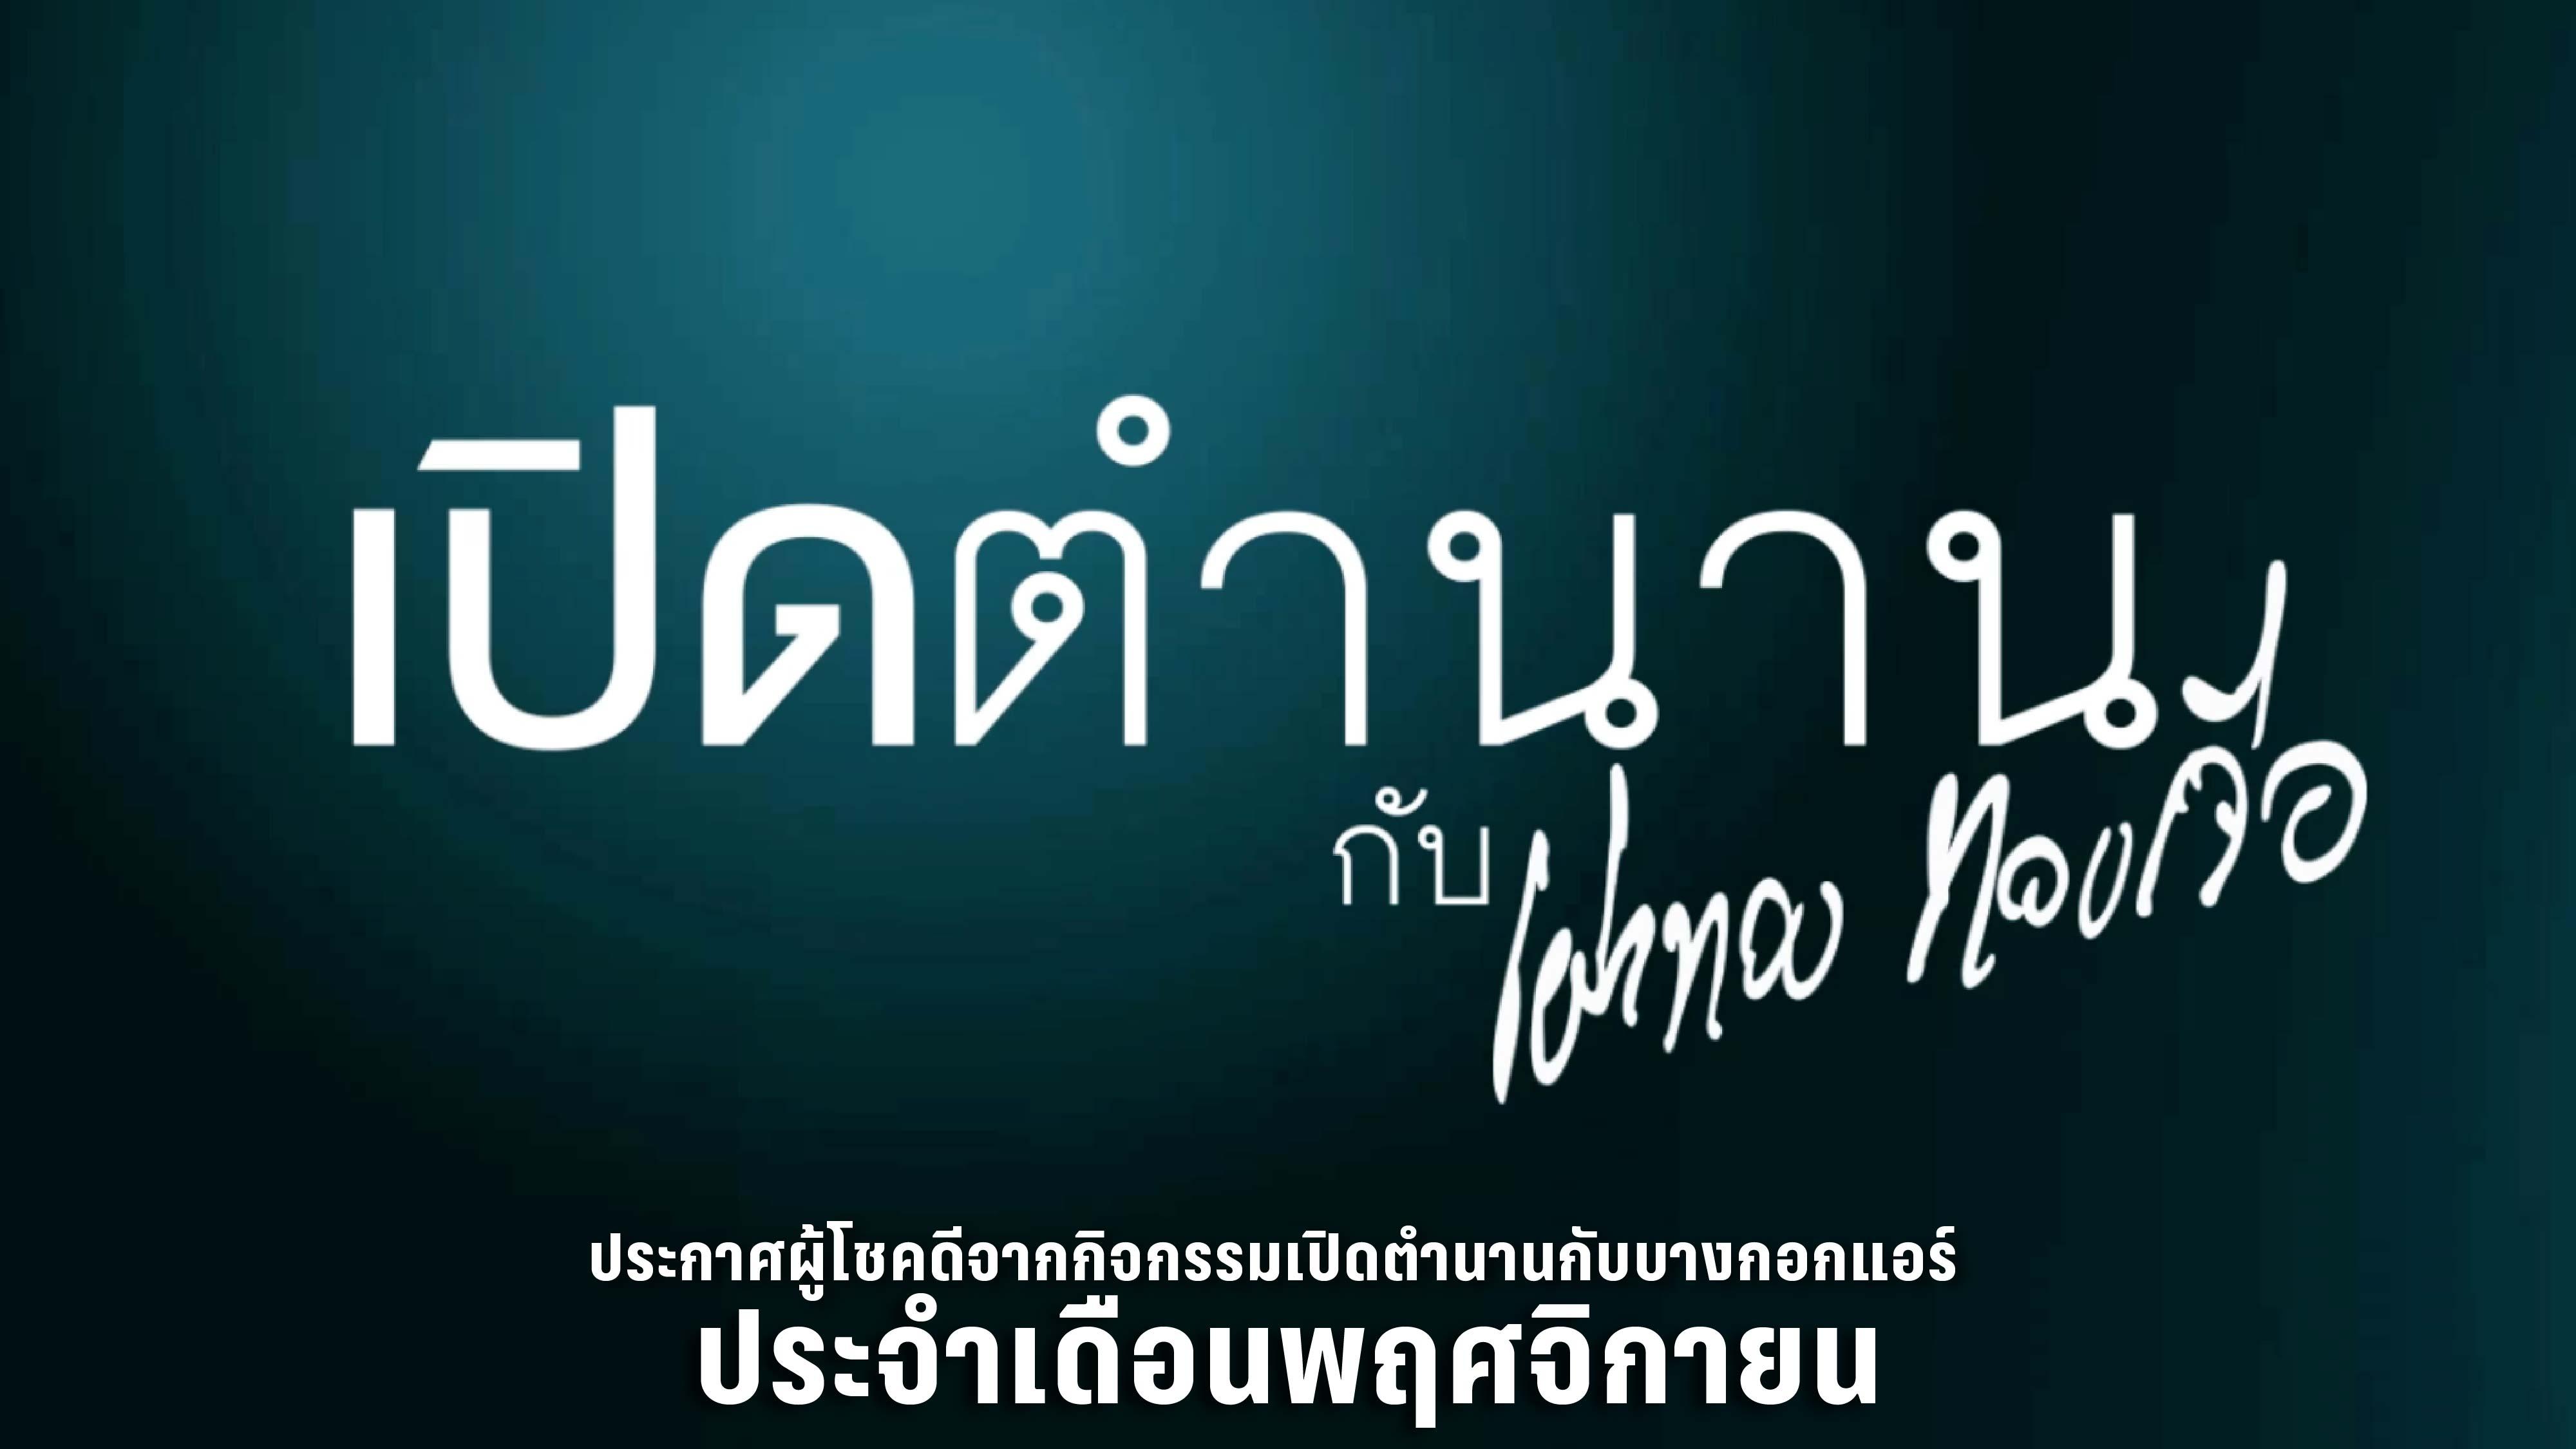 ประกาศผู้โชคดีจากกิจกรรม เปิดตำนานกับ Bangkok Airways ประจำเดือนพฤศจิกายน 2557